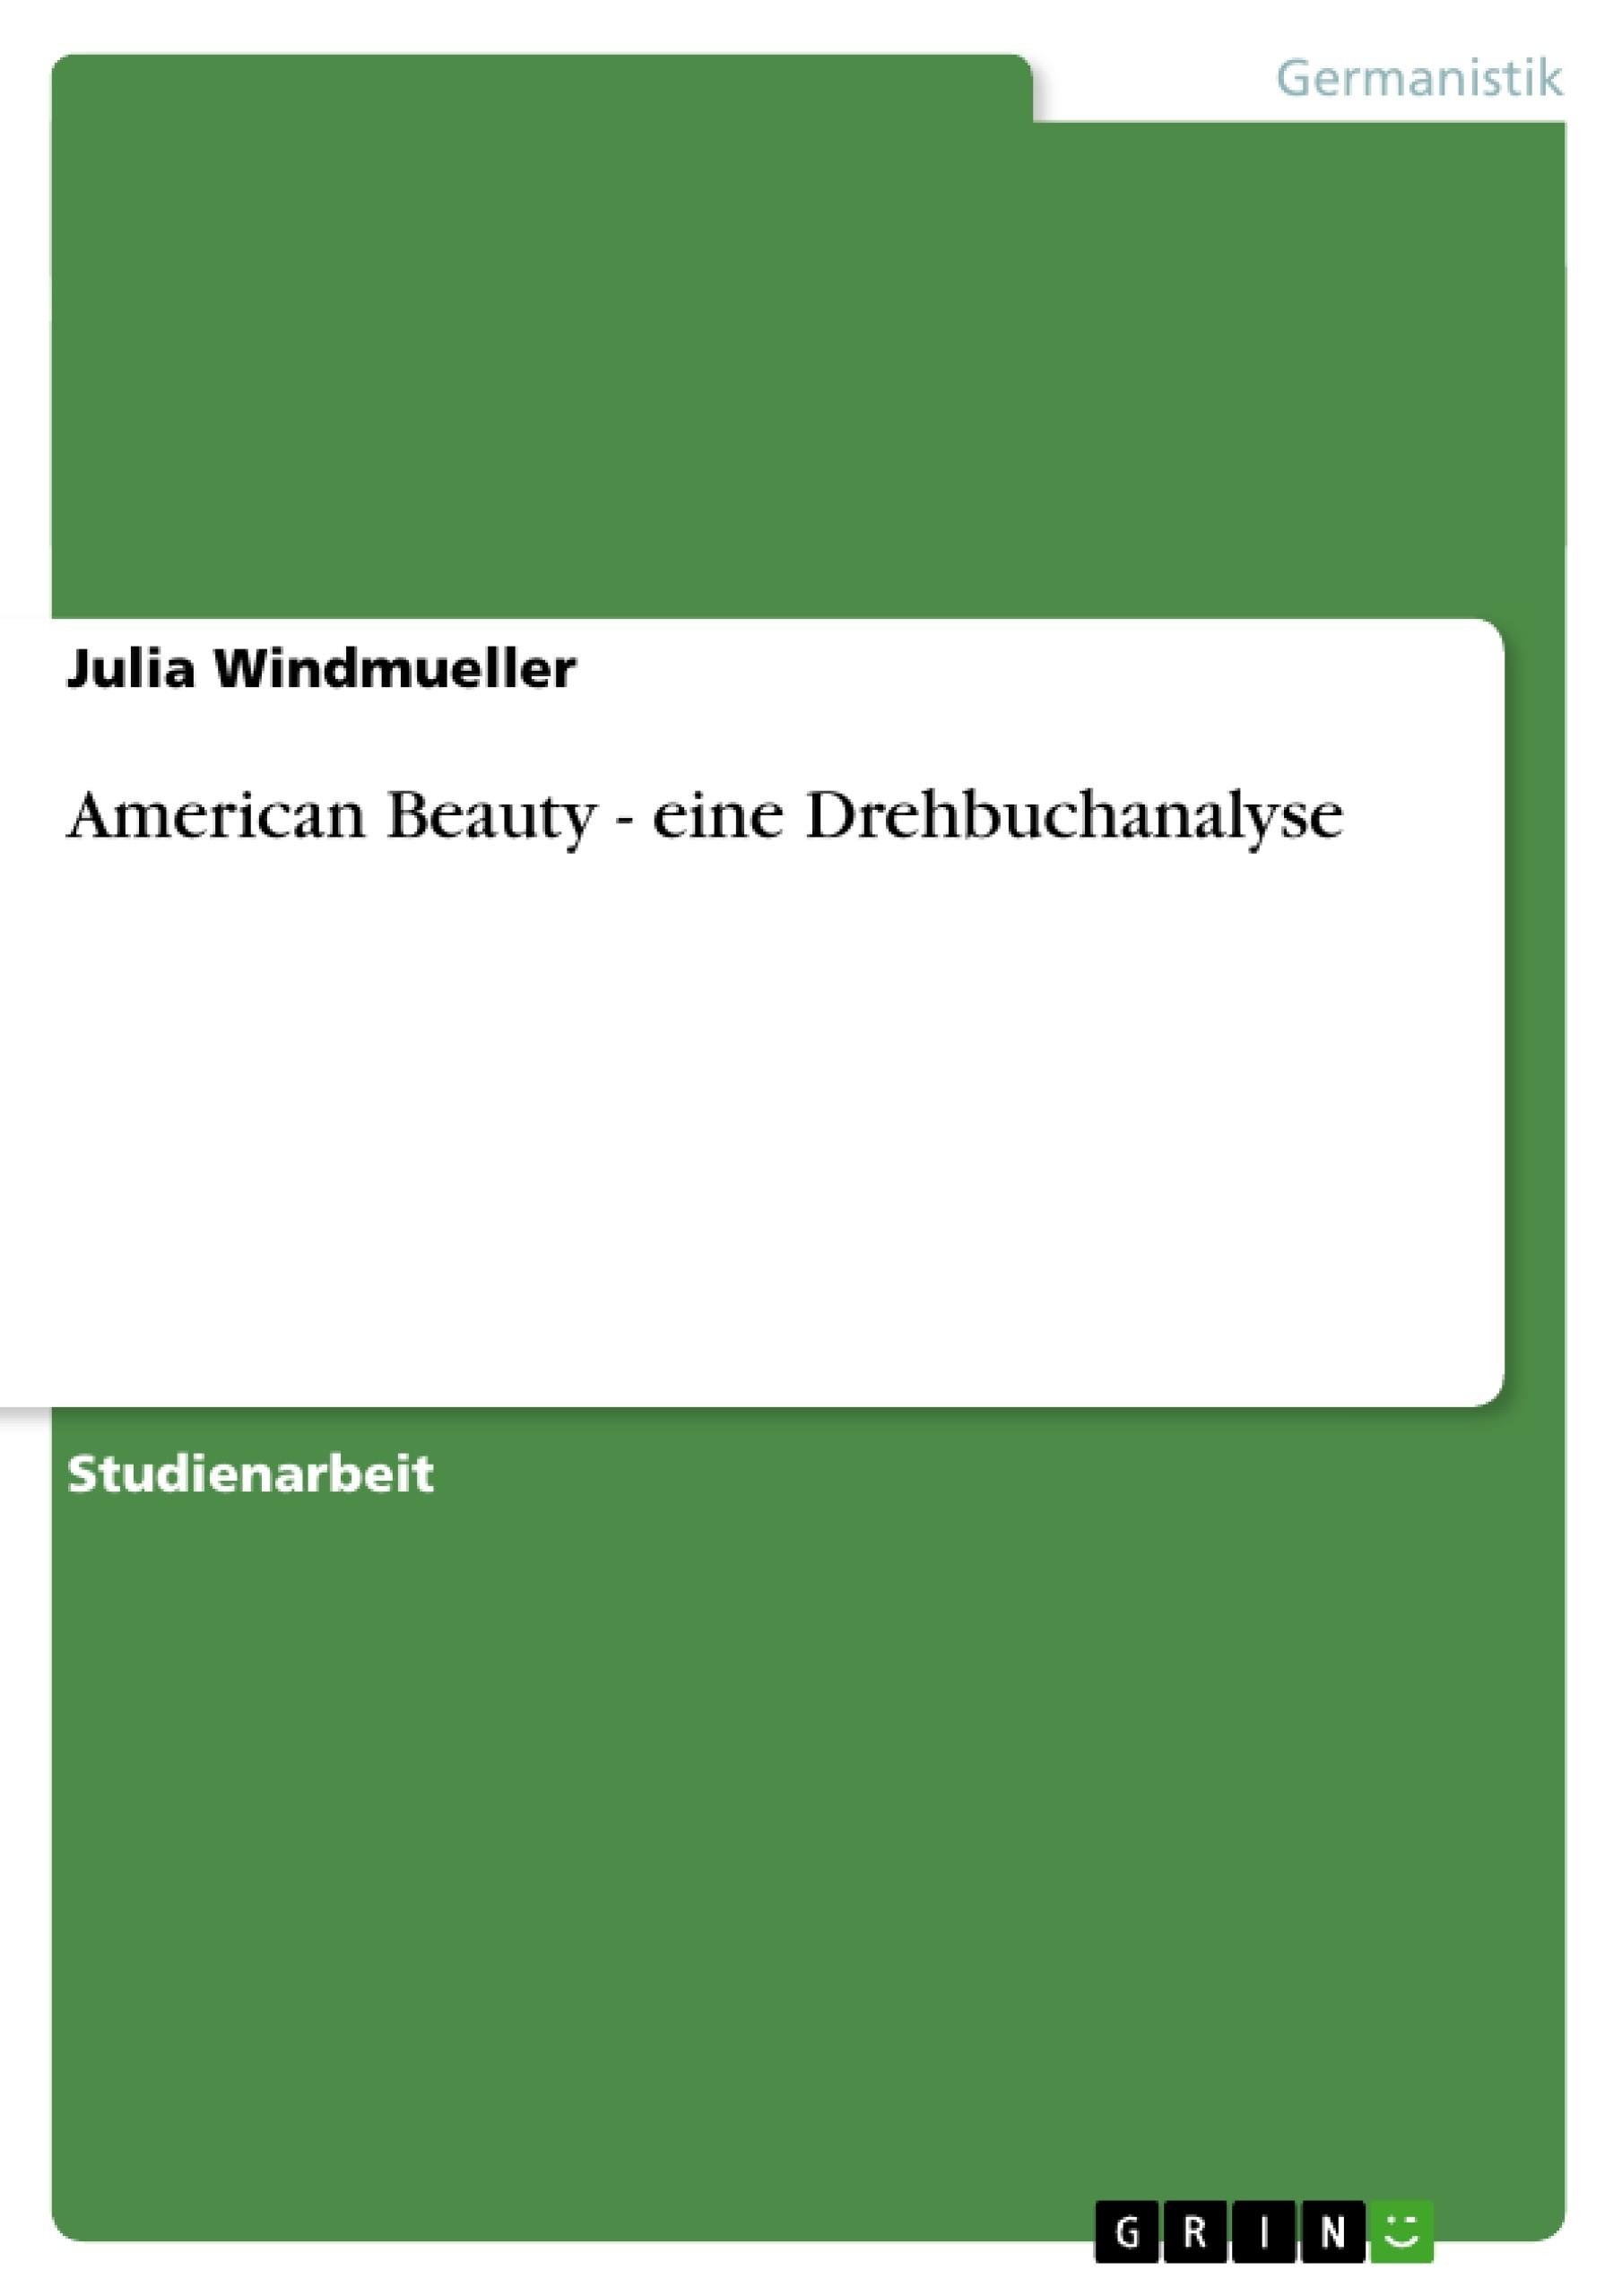 Titel: American Beauty - eine Drehbuchanalyse